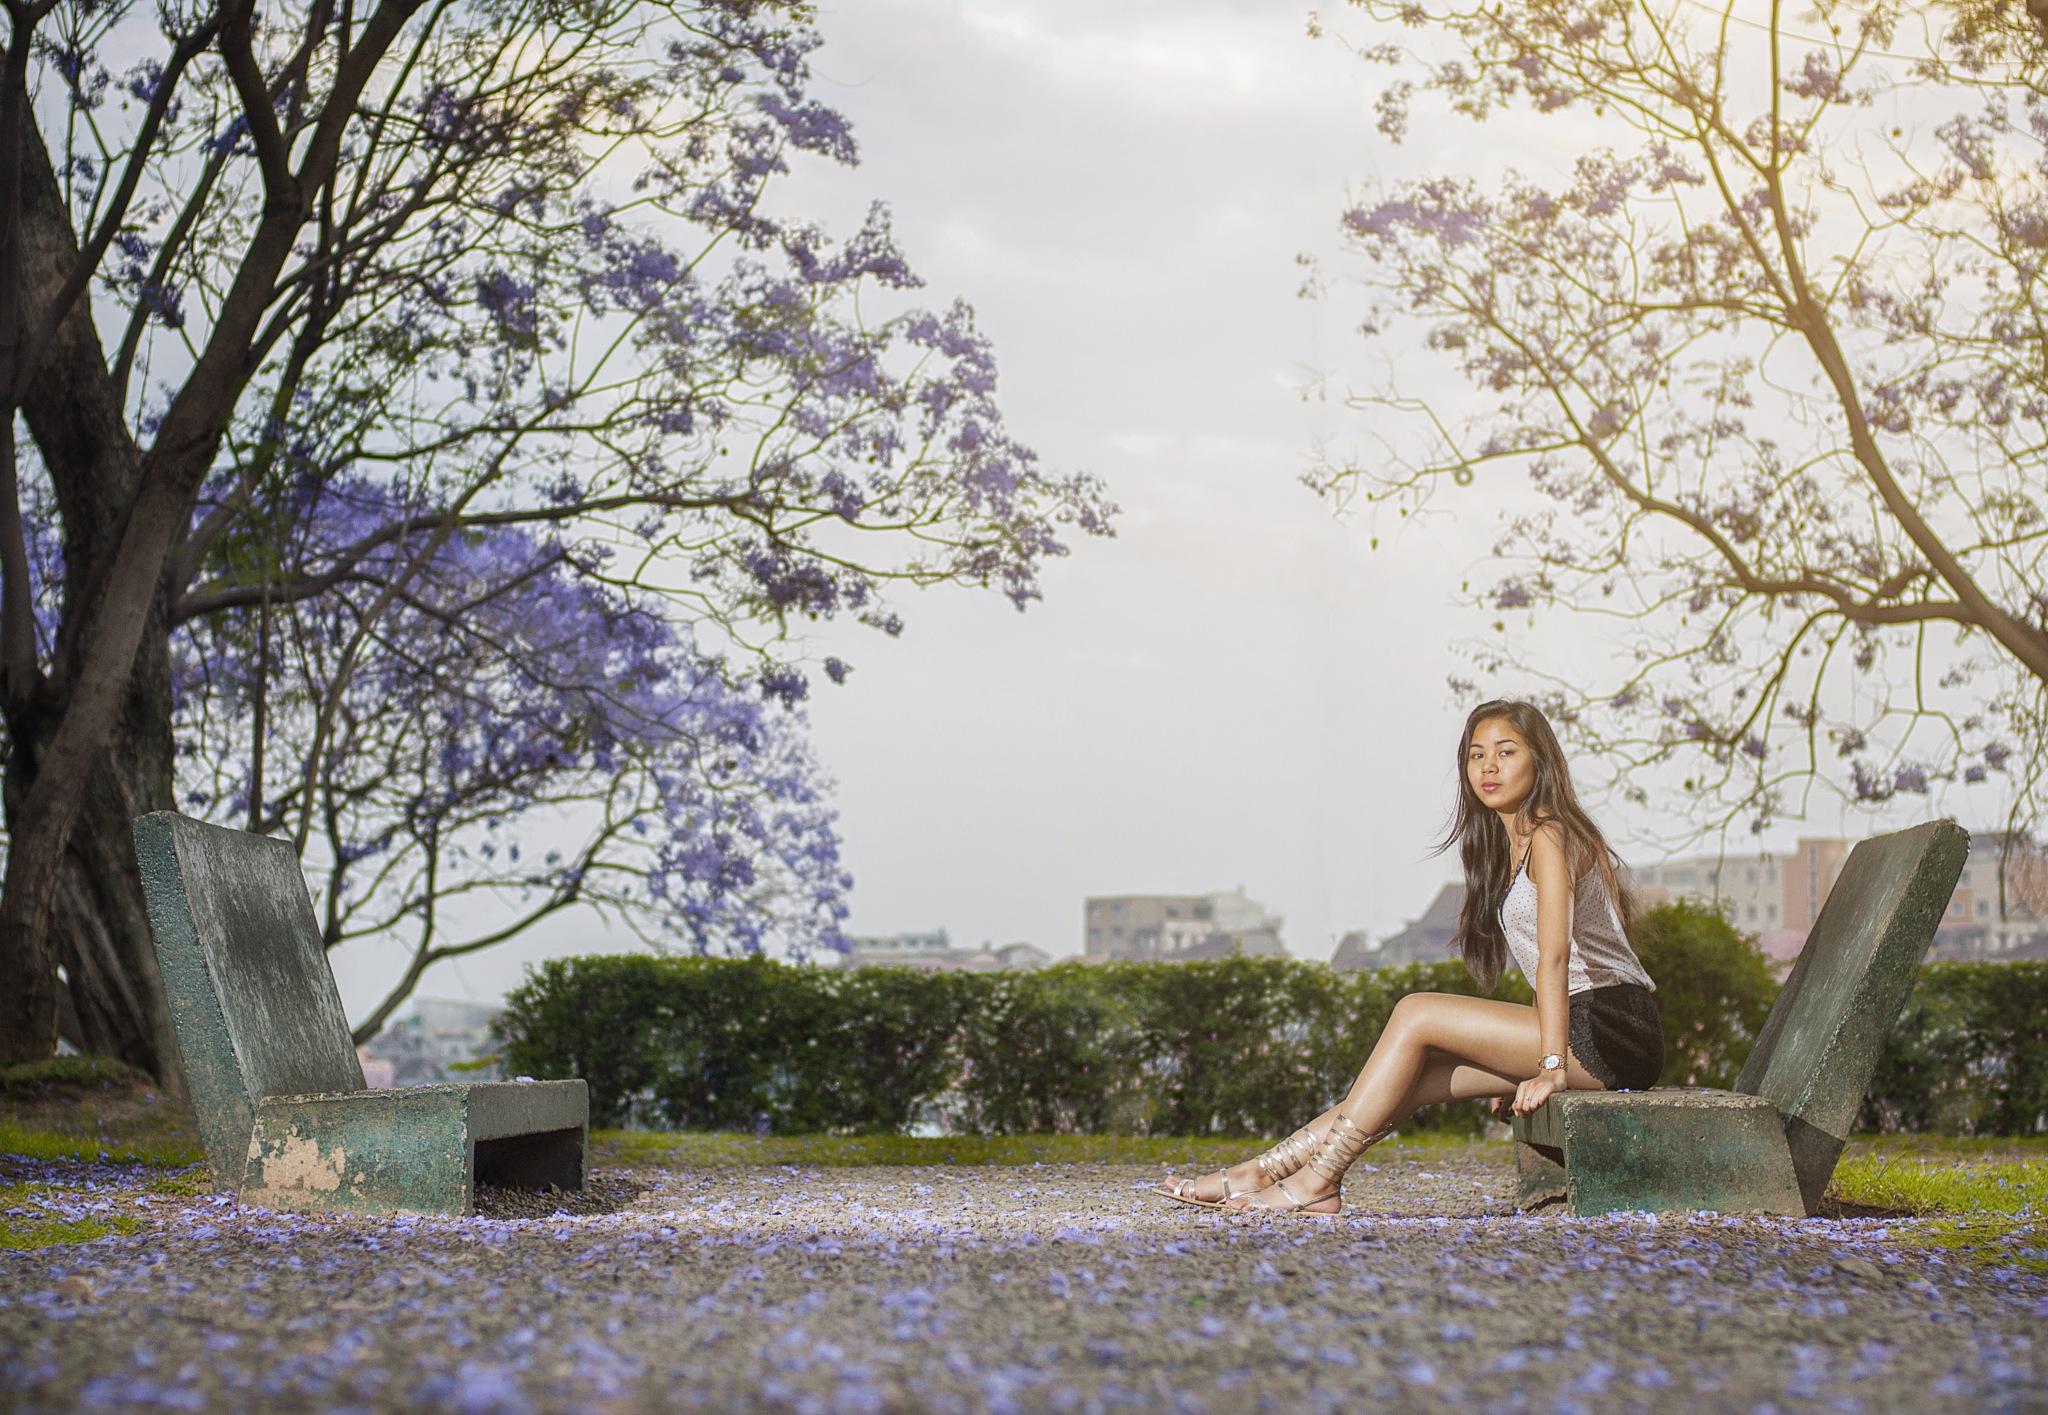 Model by Graphephoto